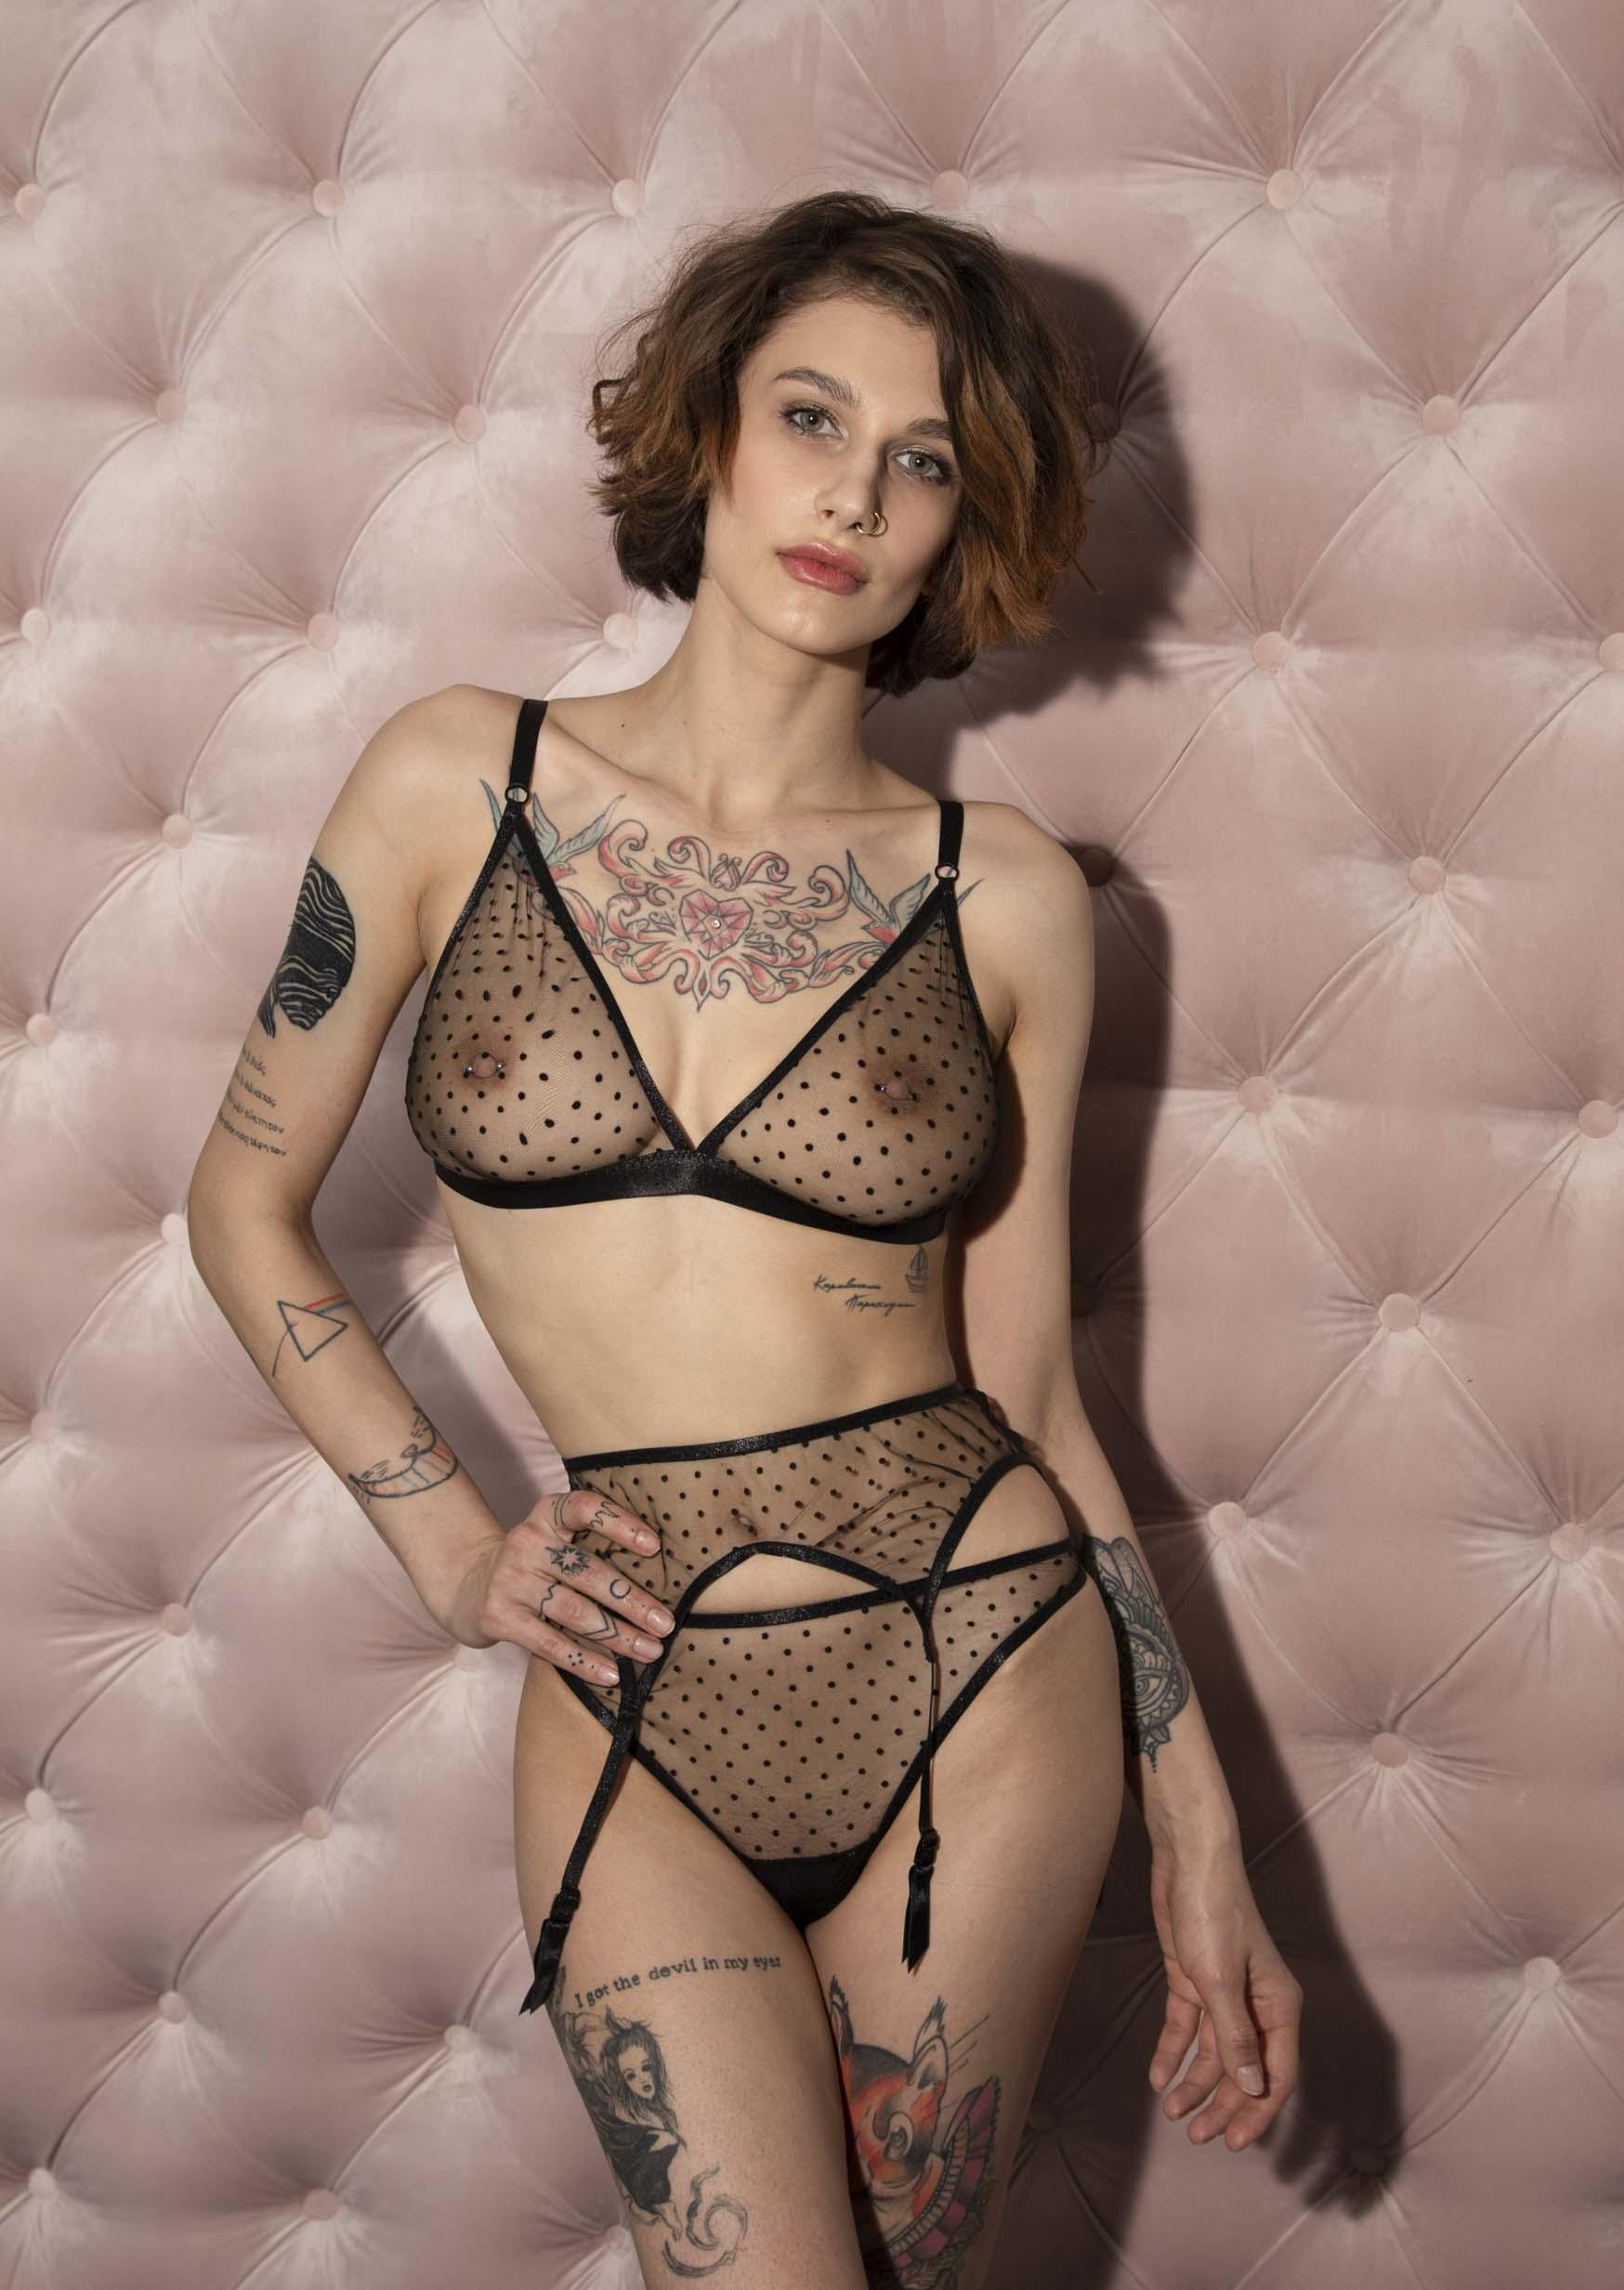 Flirt lingerie set сlear black lingerie with polka dot with garter belt